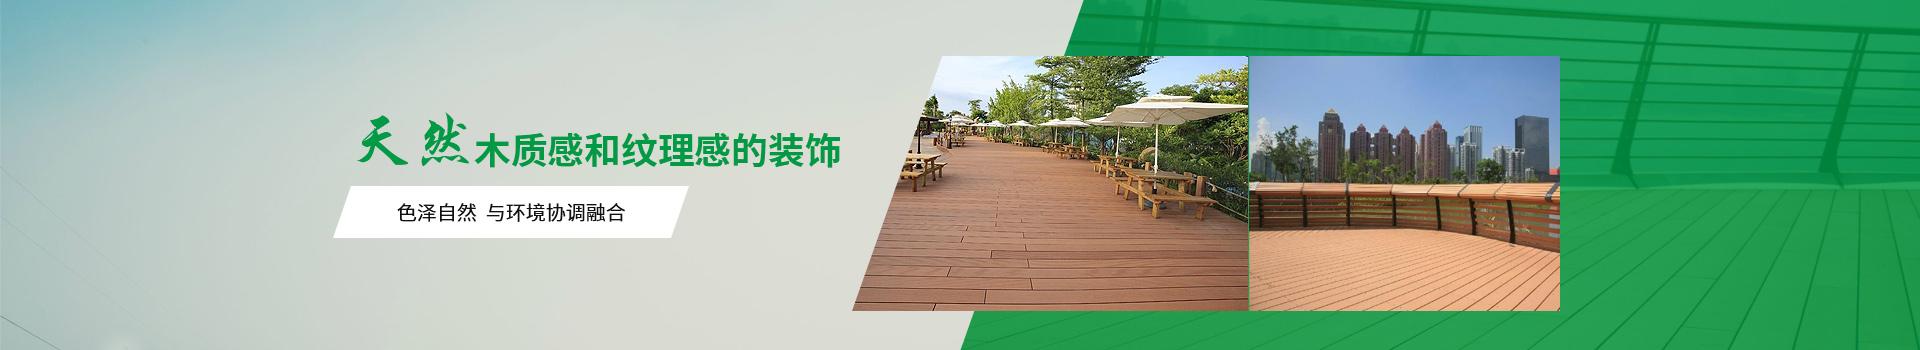 舜腾塑木色泽自然、与环境协调融合